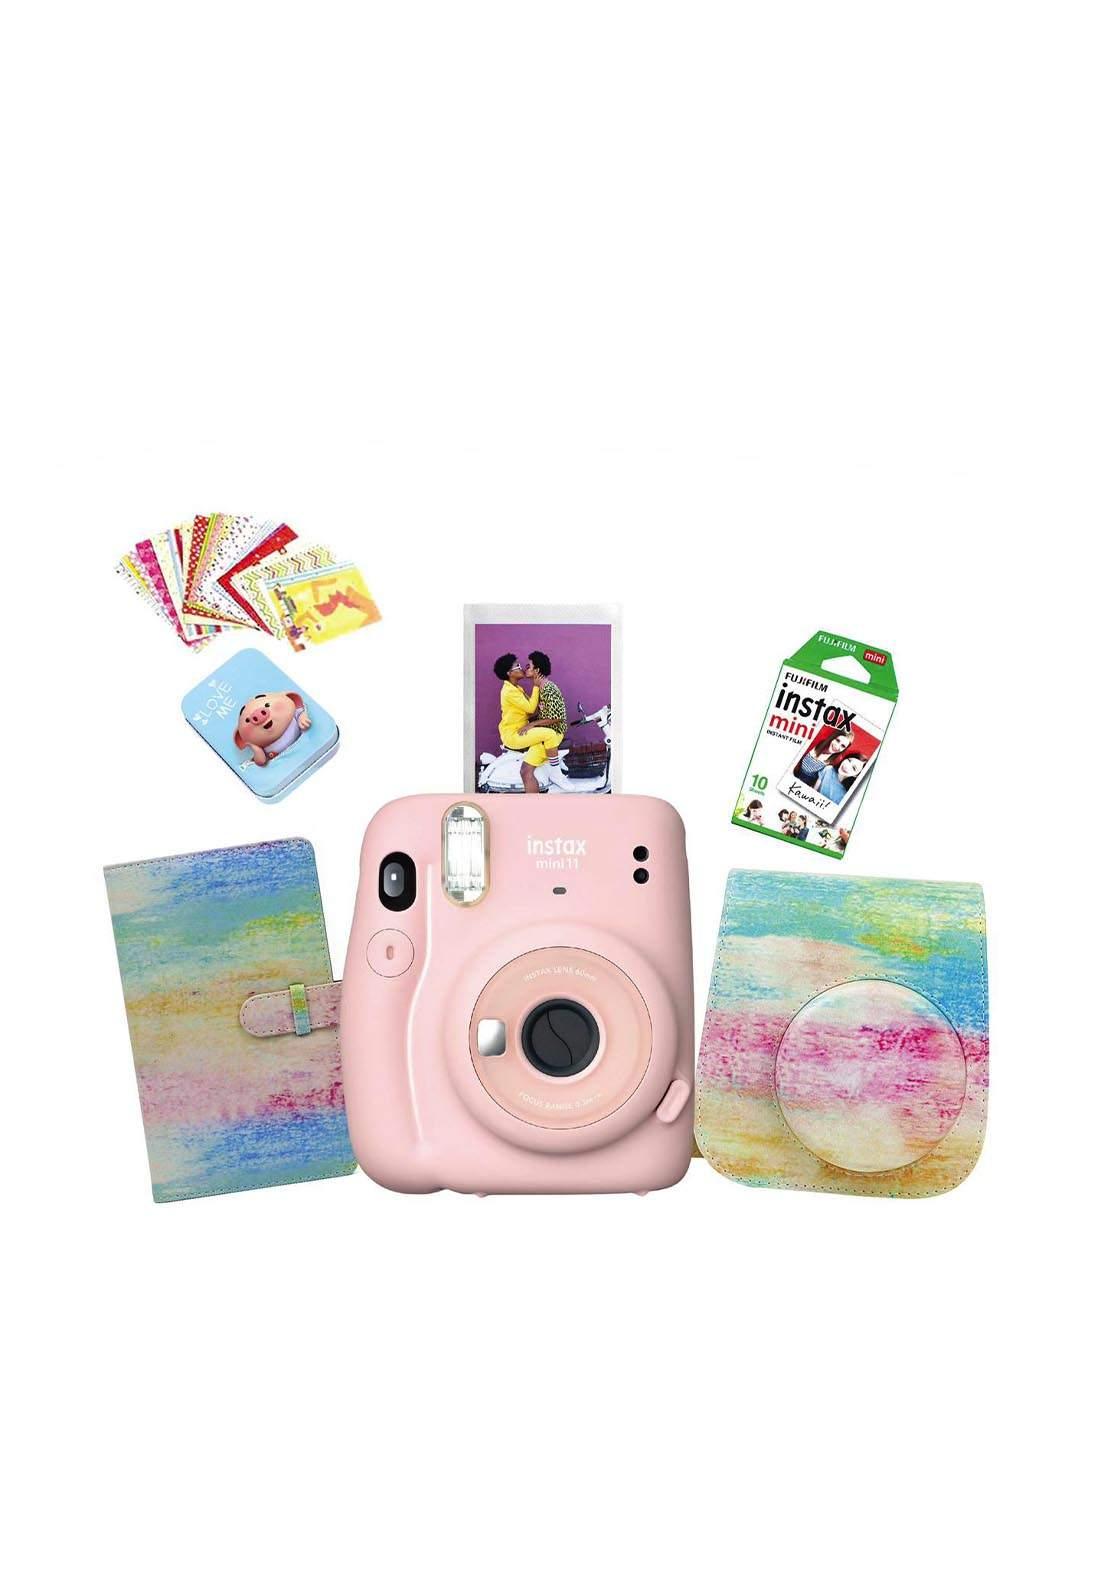 Fujifilm Instax LifeStyle Pack Mini11 Camera Package - Pink كاميرا فورية